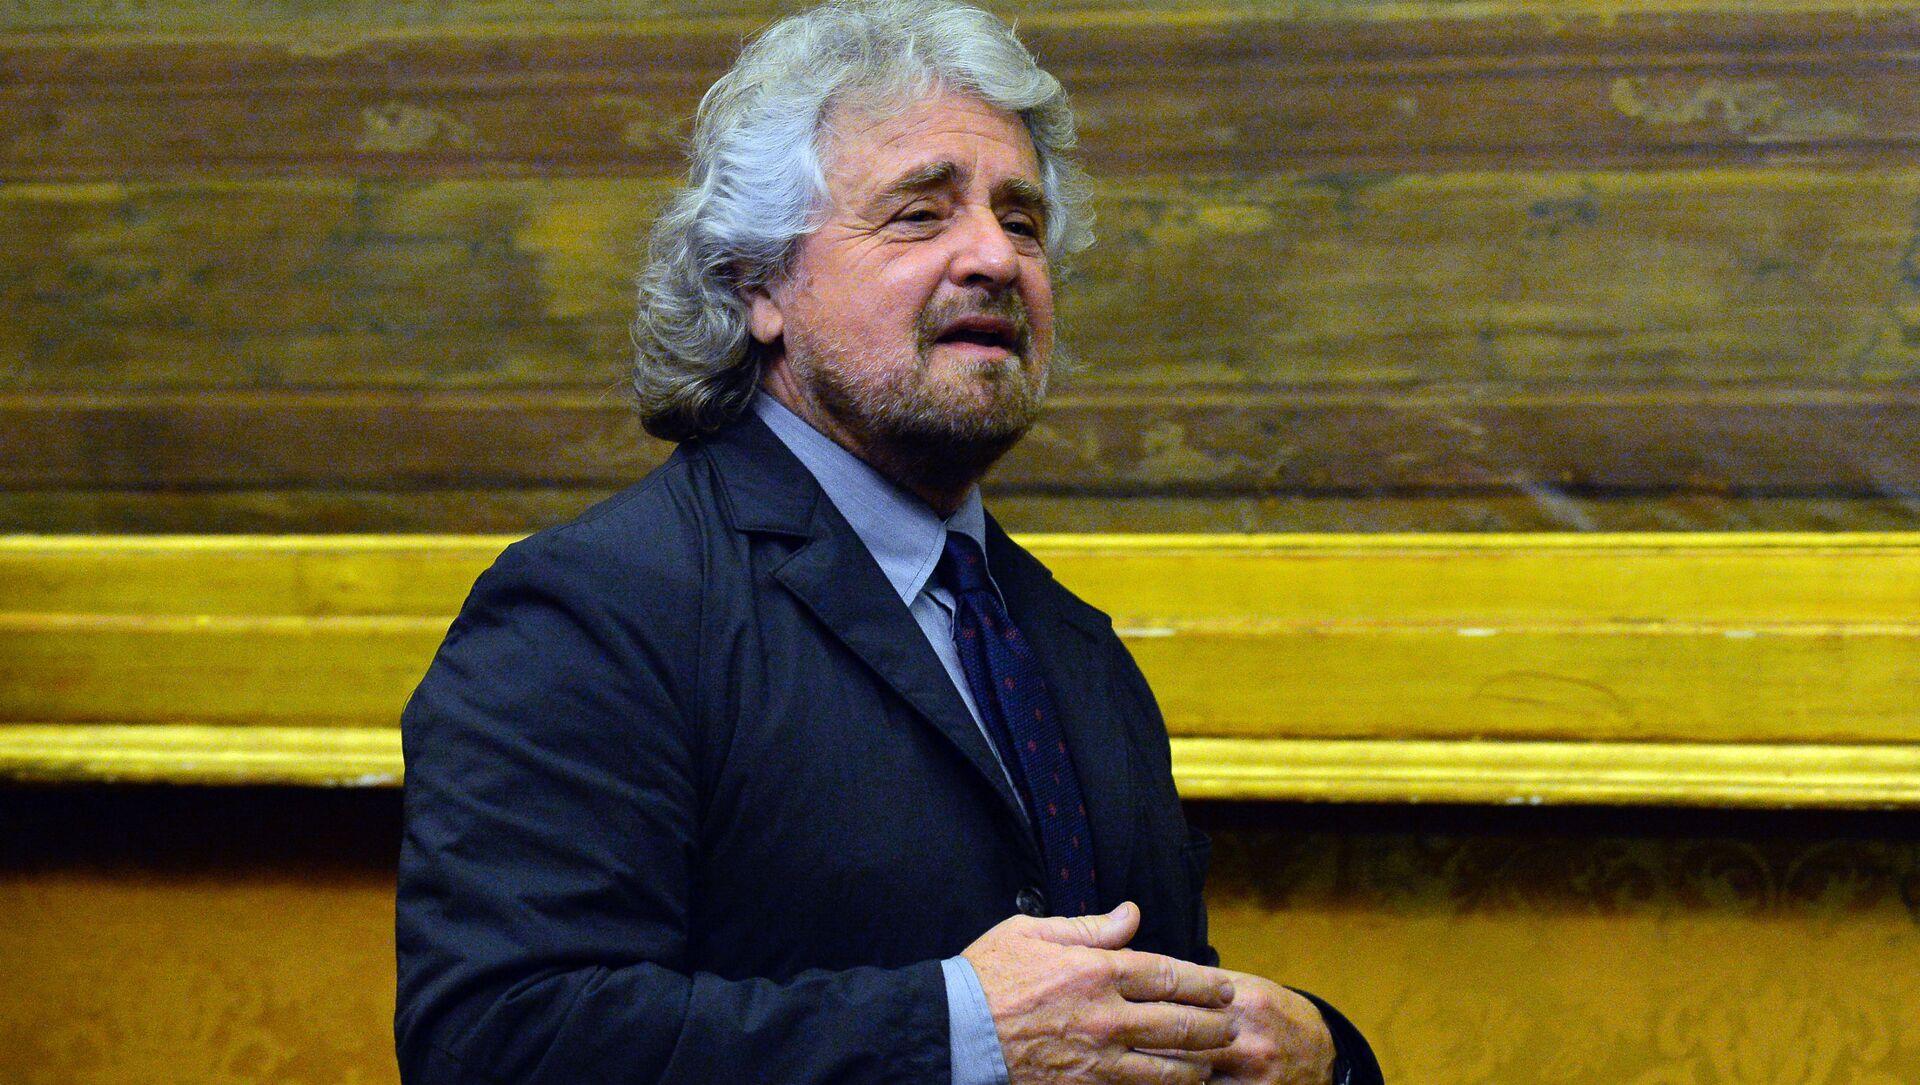 Il leader del Movemento 5 stelle Beppe Grillo - Sputnik Italia, 1920, 13.03.2021